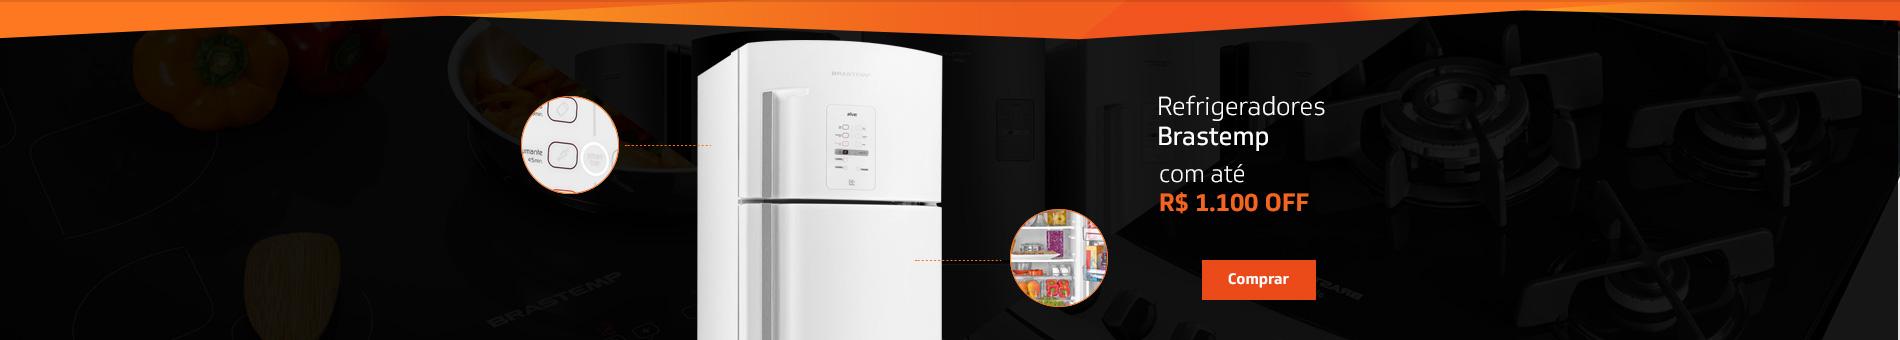 Promoção Interna - 612 - vamospracozinha_refrigeradores_home4_27072016 - refrigeradores - 4